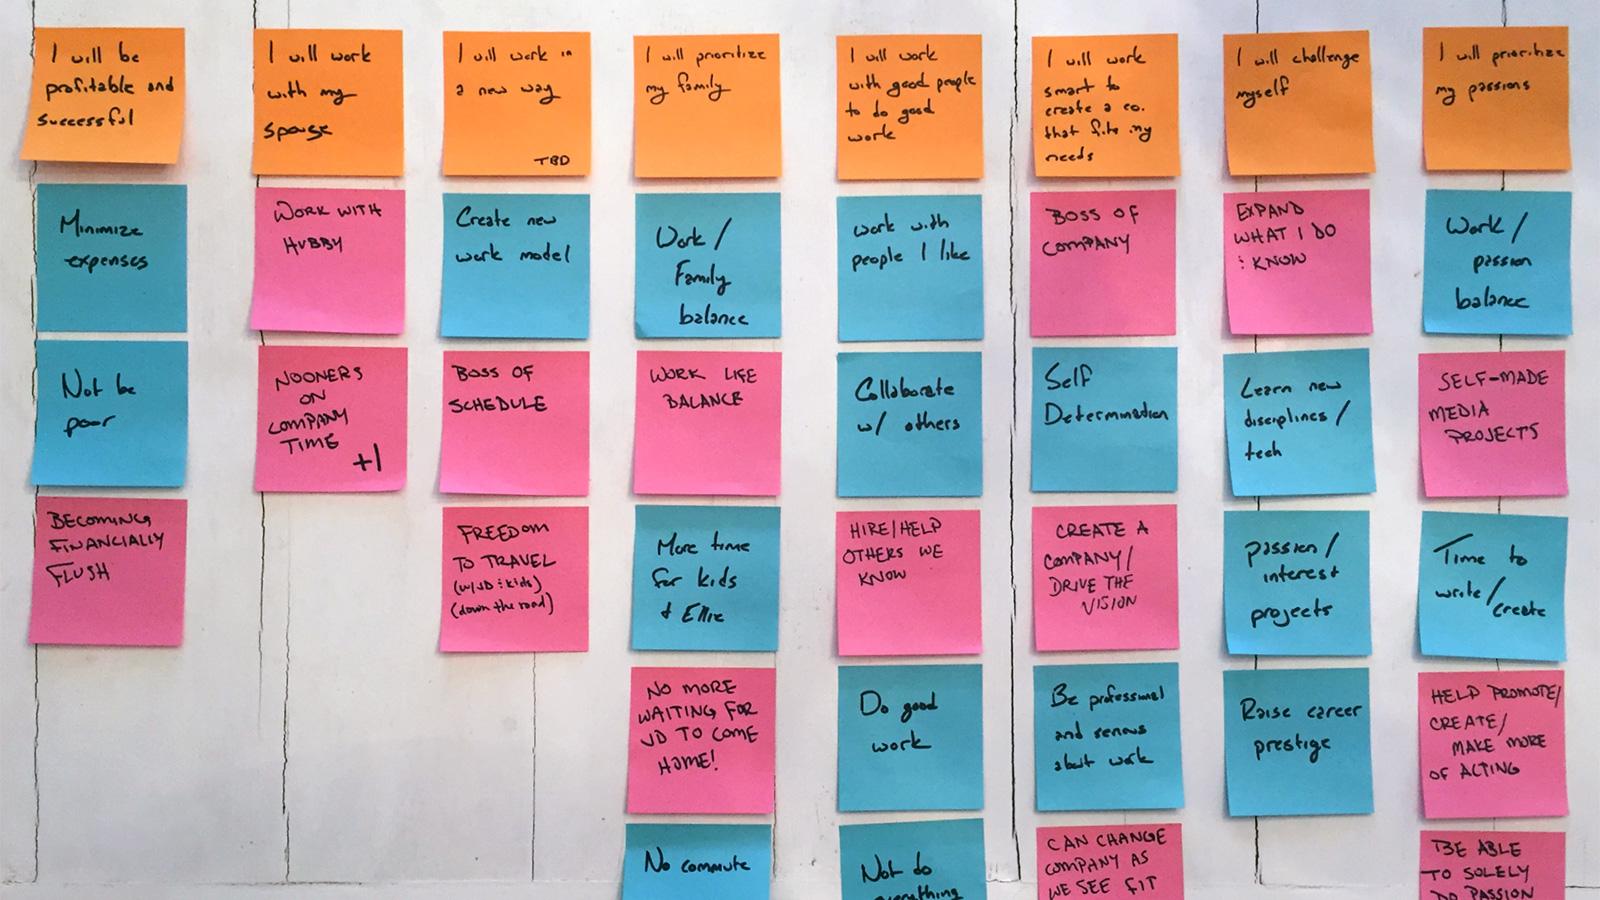 Tư tưởng lớn gặp nhau. Biểu đồ tương đồng nhóm có thể giúp bạn và gia đình, hoặc bạn và đối tác kinh doanh điều chỉnh các vấn đề ưu tiên. Vợ và tôi đã thực hiện điều này từ khi bắt đầu công việc kinh doanh để đảm bảo rằng chúng tôi luôn đồng điệu trong suy nghĩ. Và chúng tôi xem xét lại thường xuyên, để đo xem liệu chúng tôi có đang chung mục tiêu hay không.